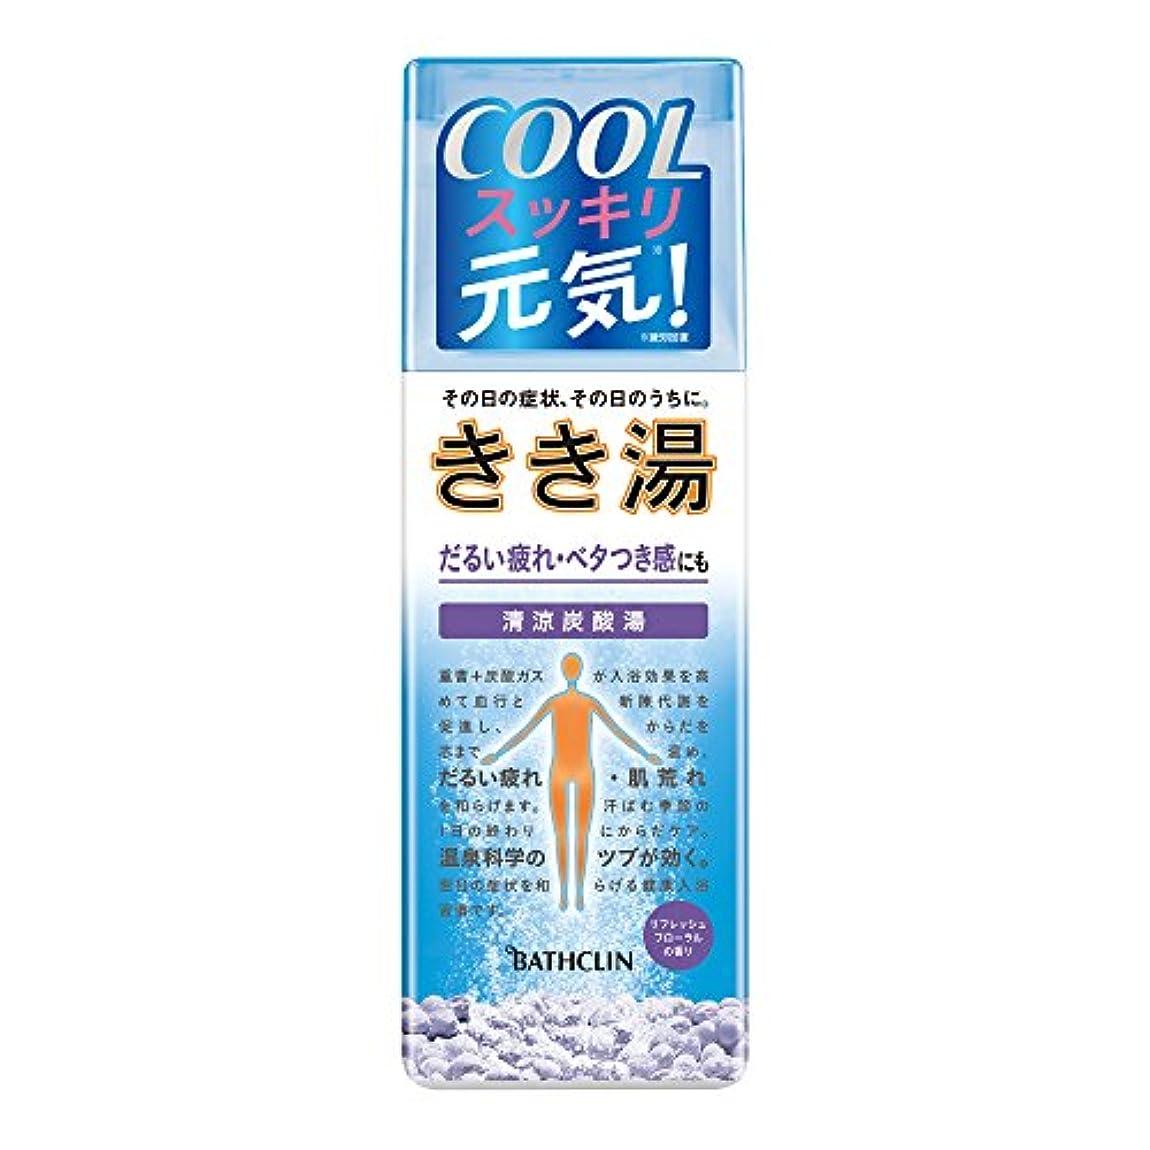 無視するスクリュー縫い目【医薬部外品】きき湯清涼炭酸湯リフレッシュフローラルの香り 360gマリンブルーの湯透明タイプ 入浴剤